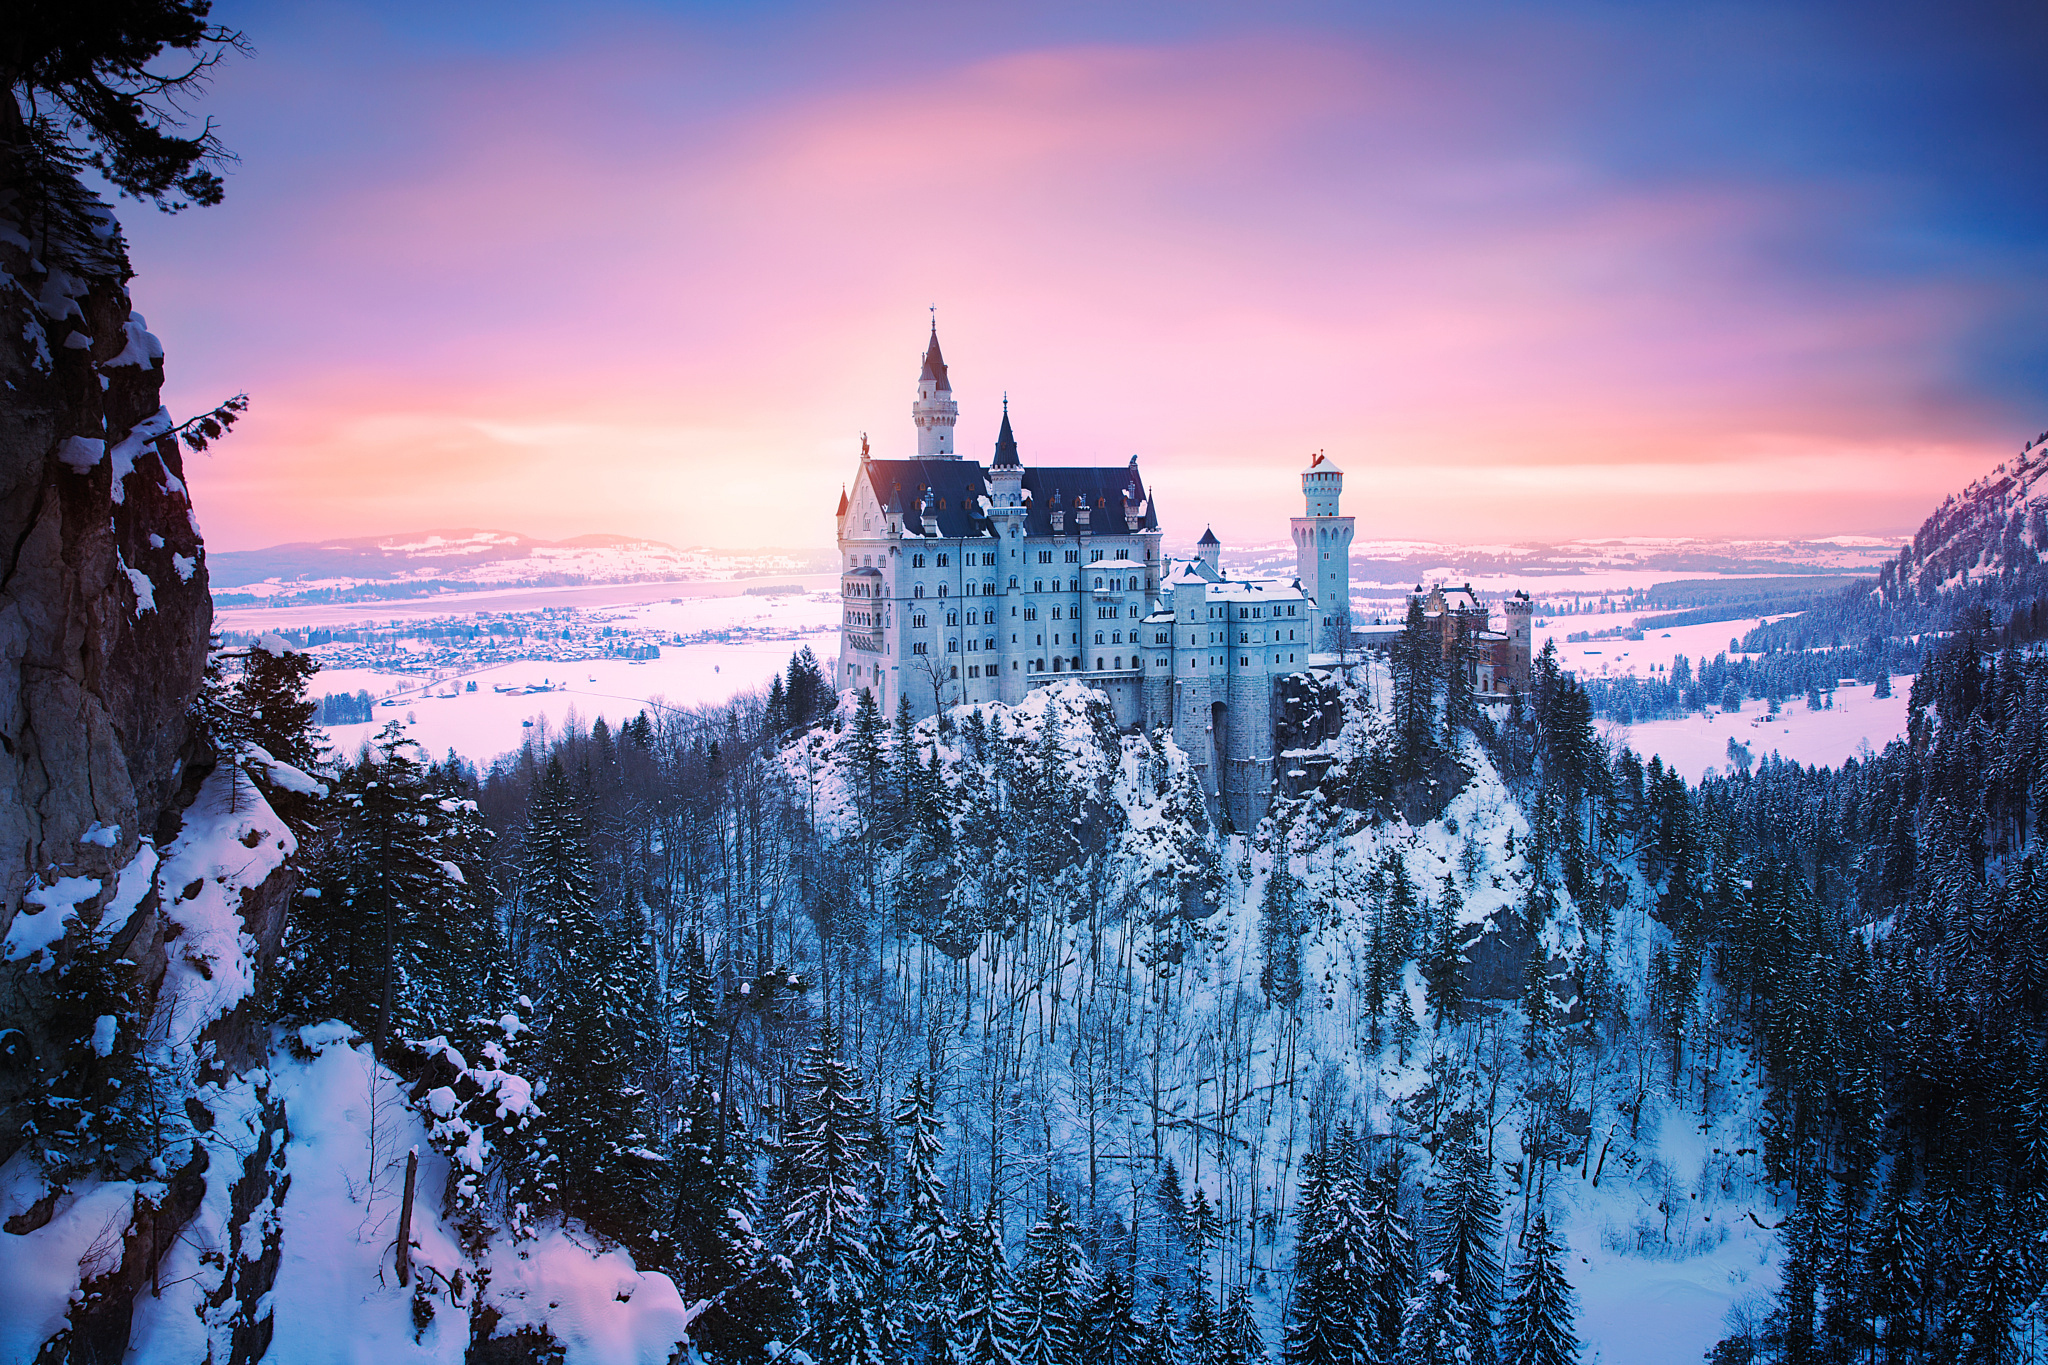 Замок швейцария вечер  № 2569426 без смс